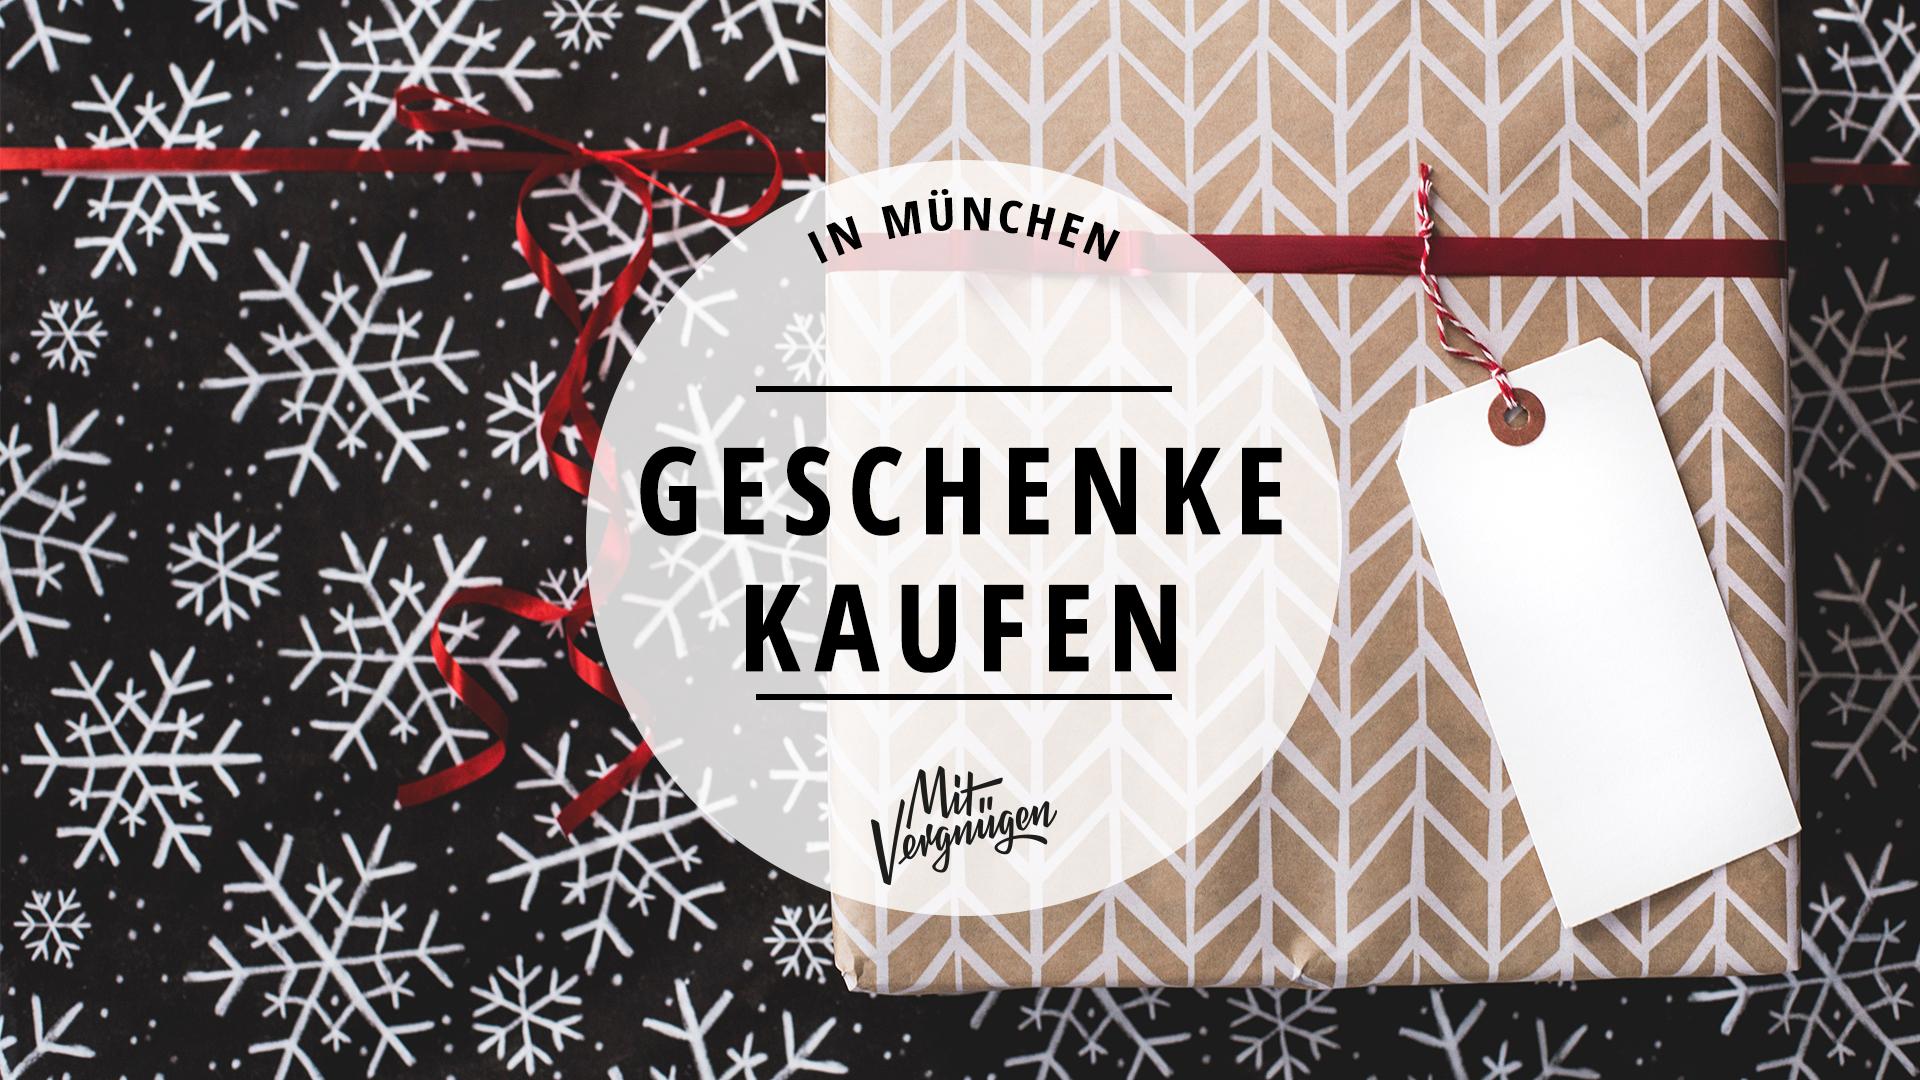 11 Läden in München, in denen du schöne Geschenke kaufen kannst ...